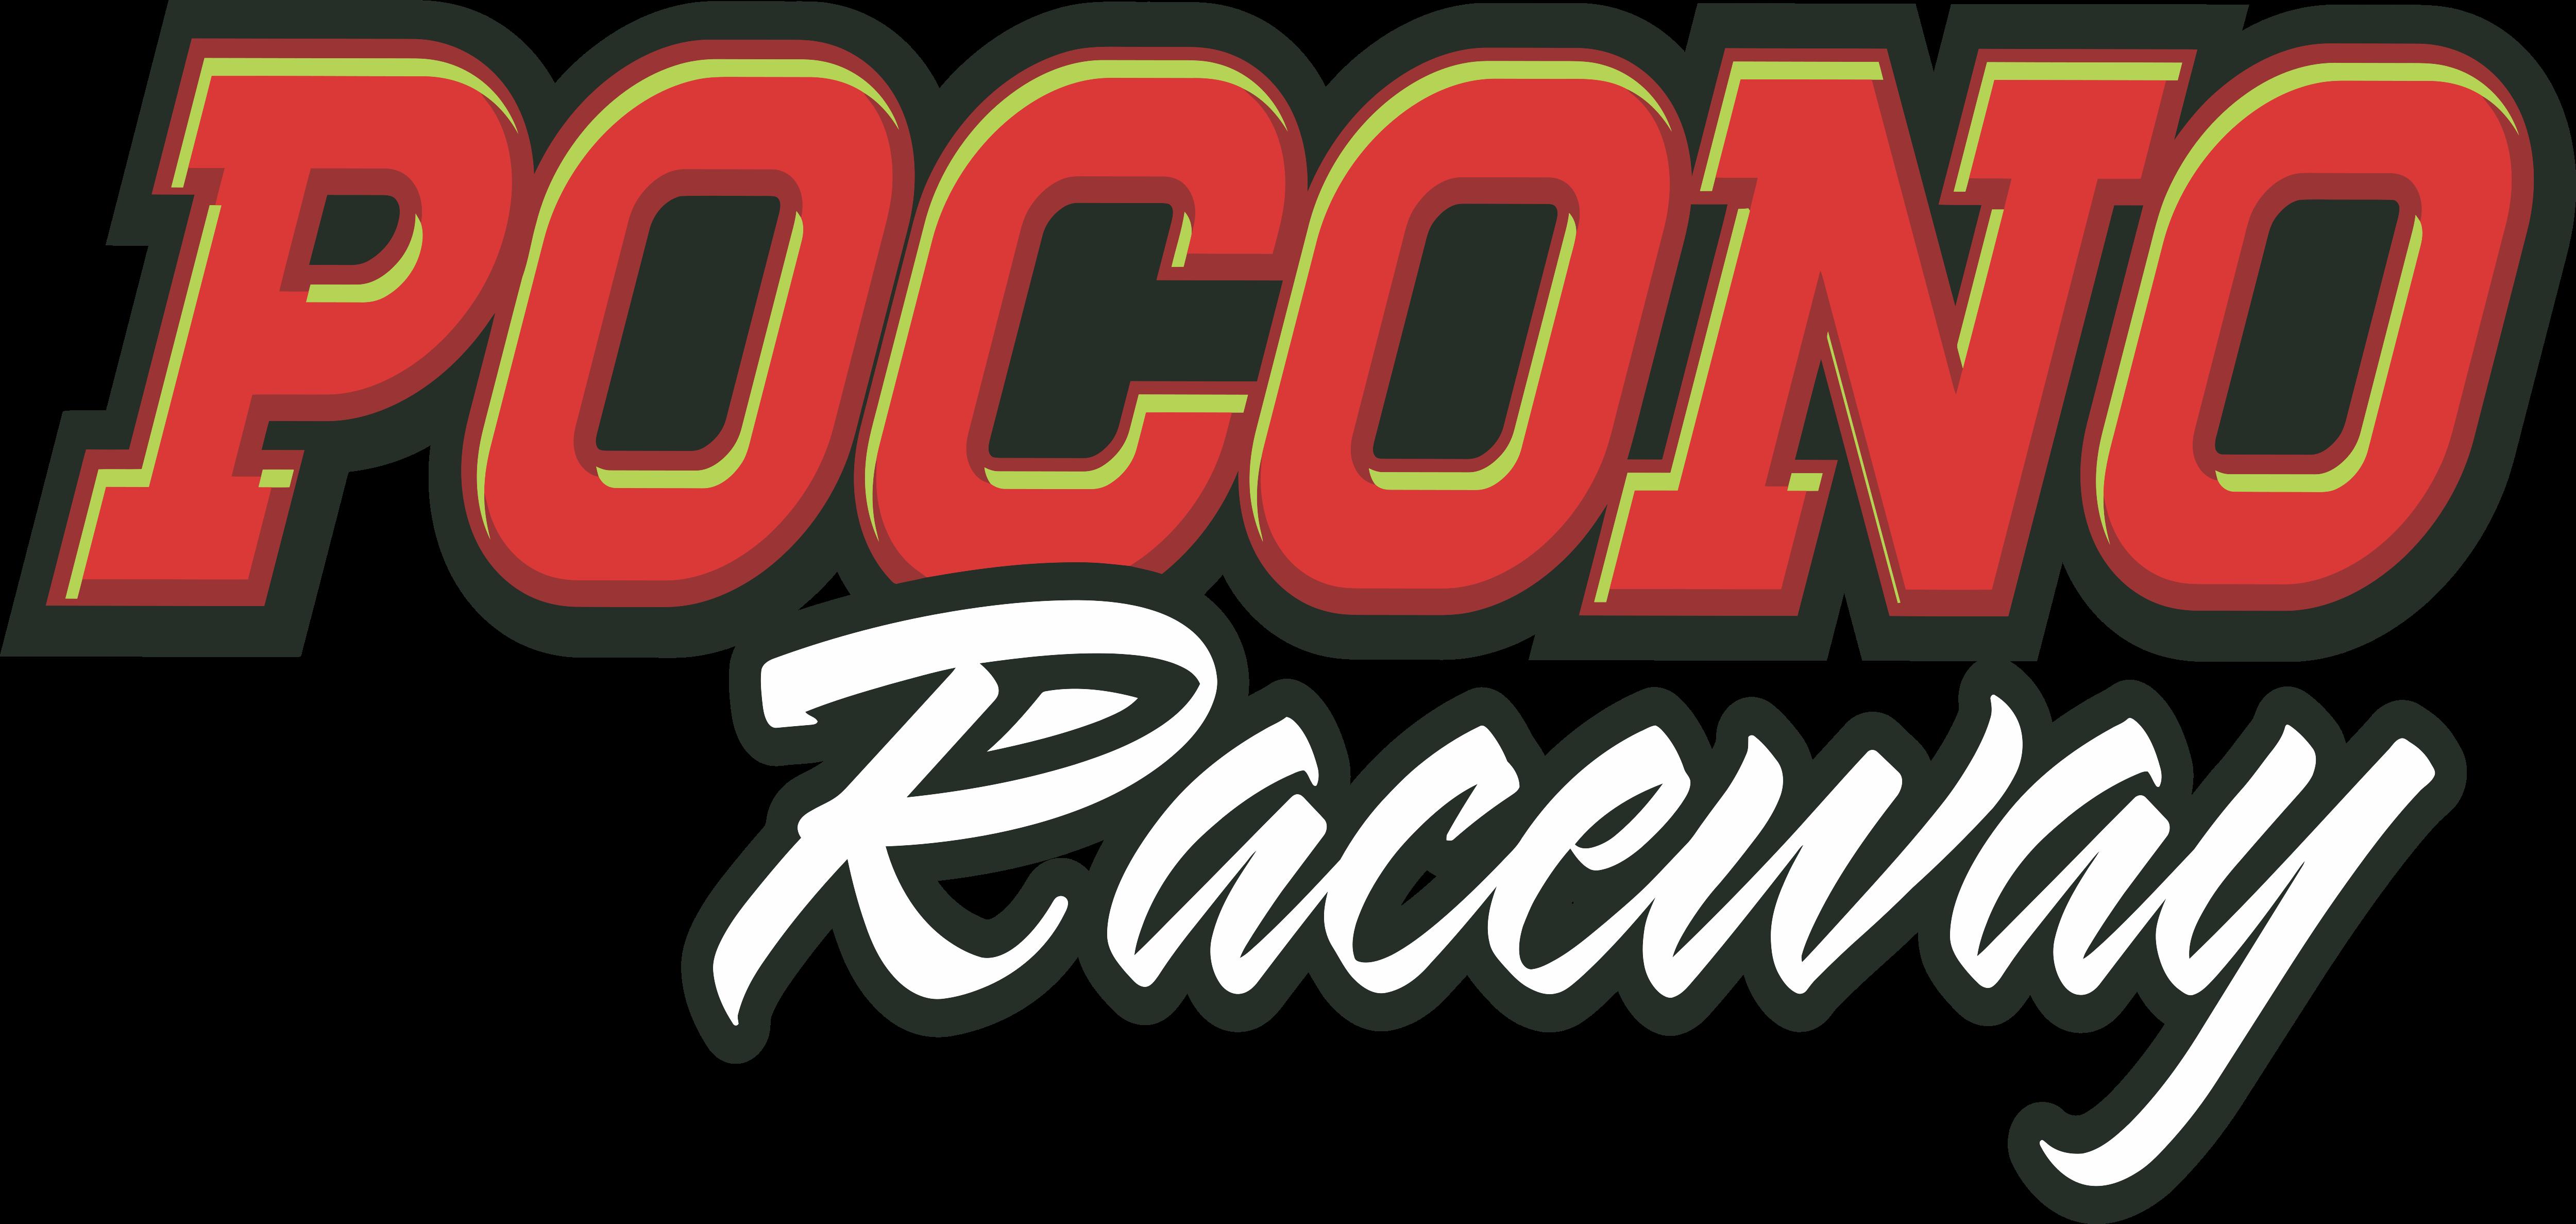 Pocono Raceway.